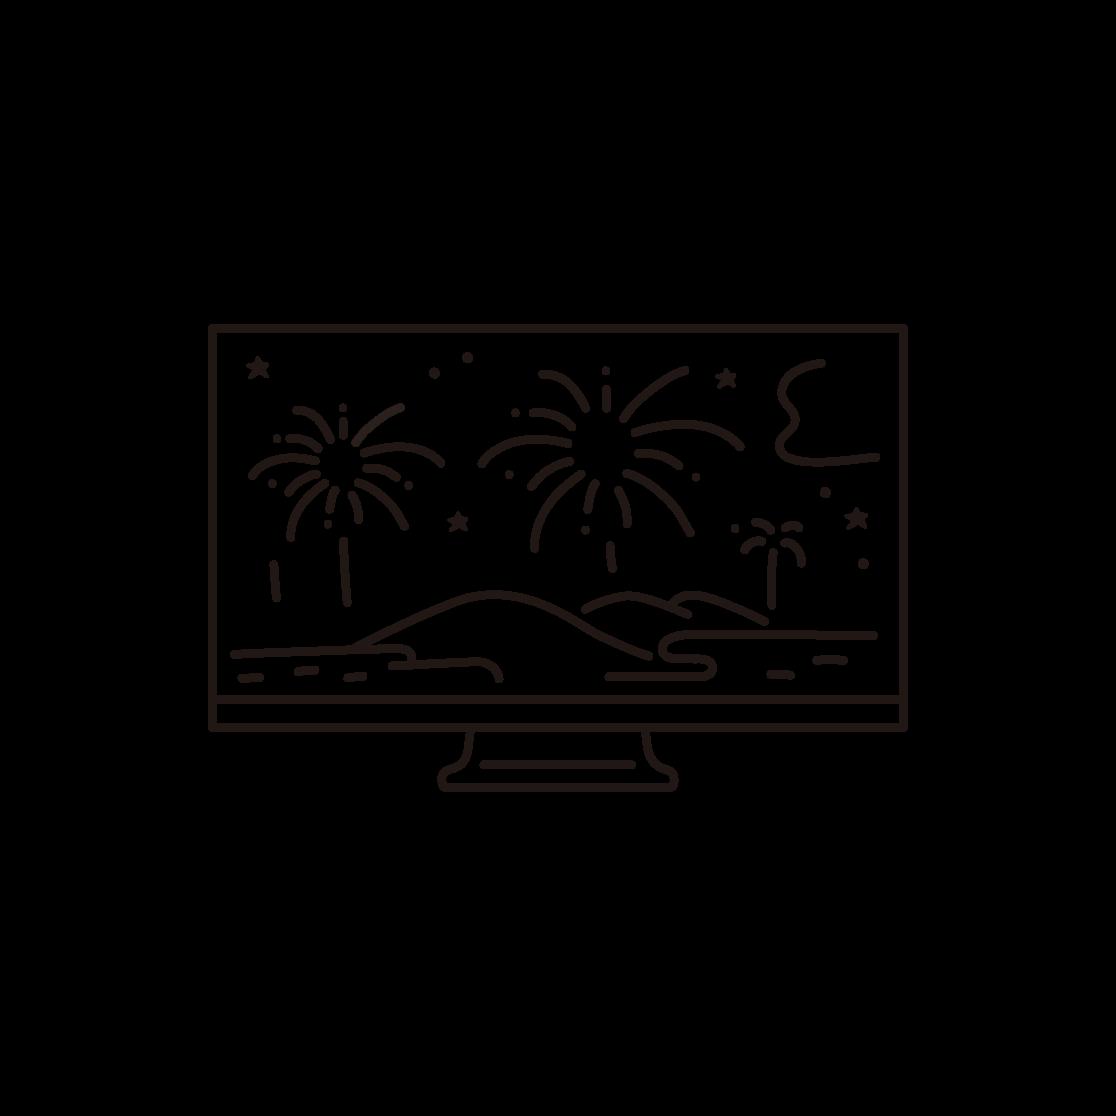 オンライン花火(テレビ)の線画イラスト